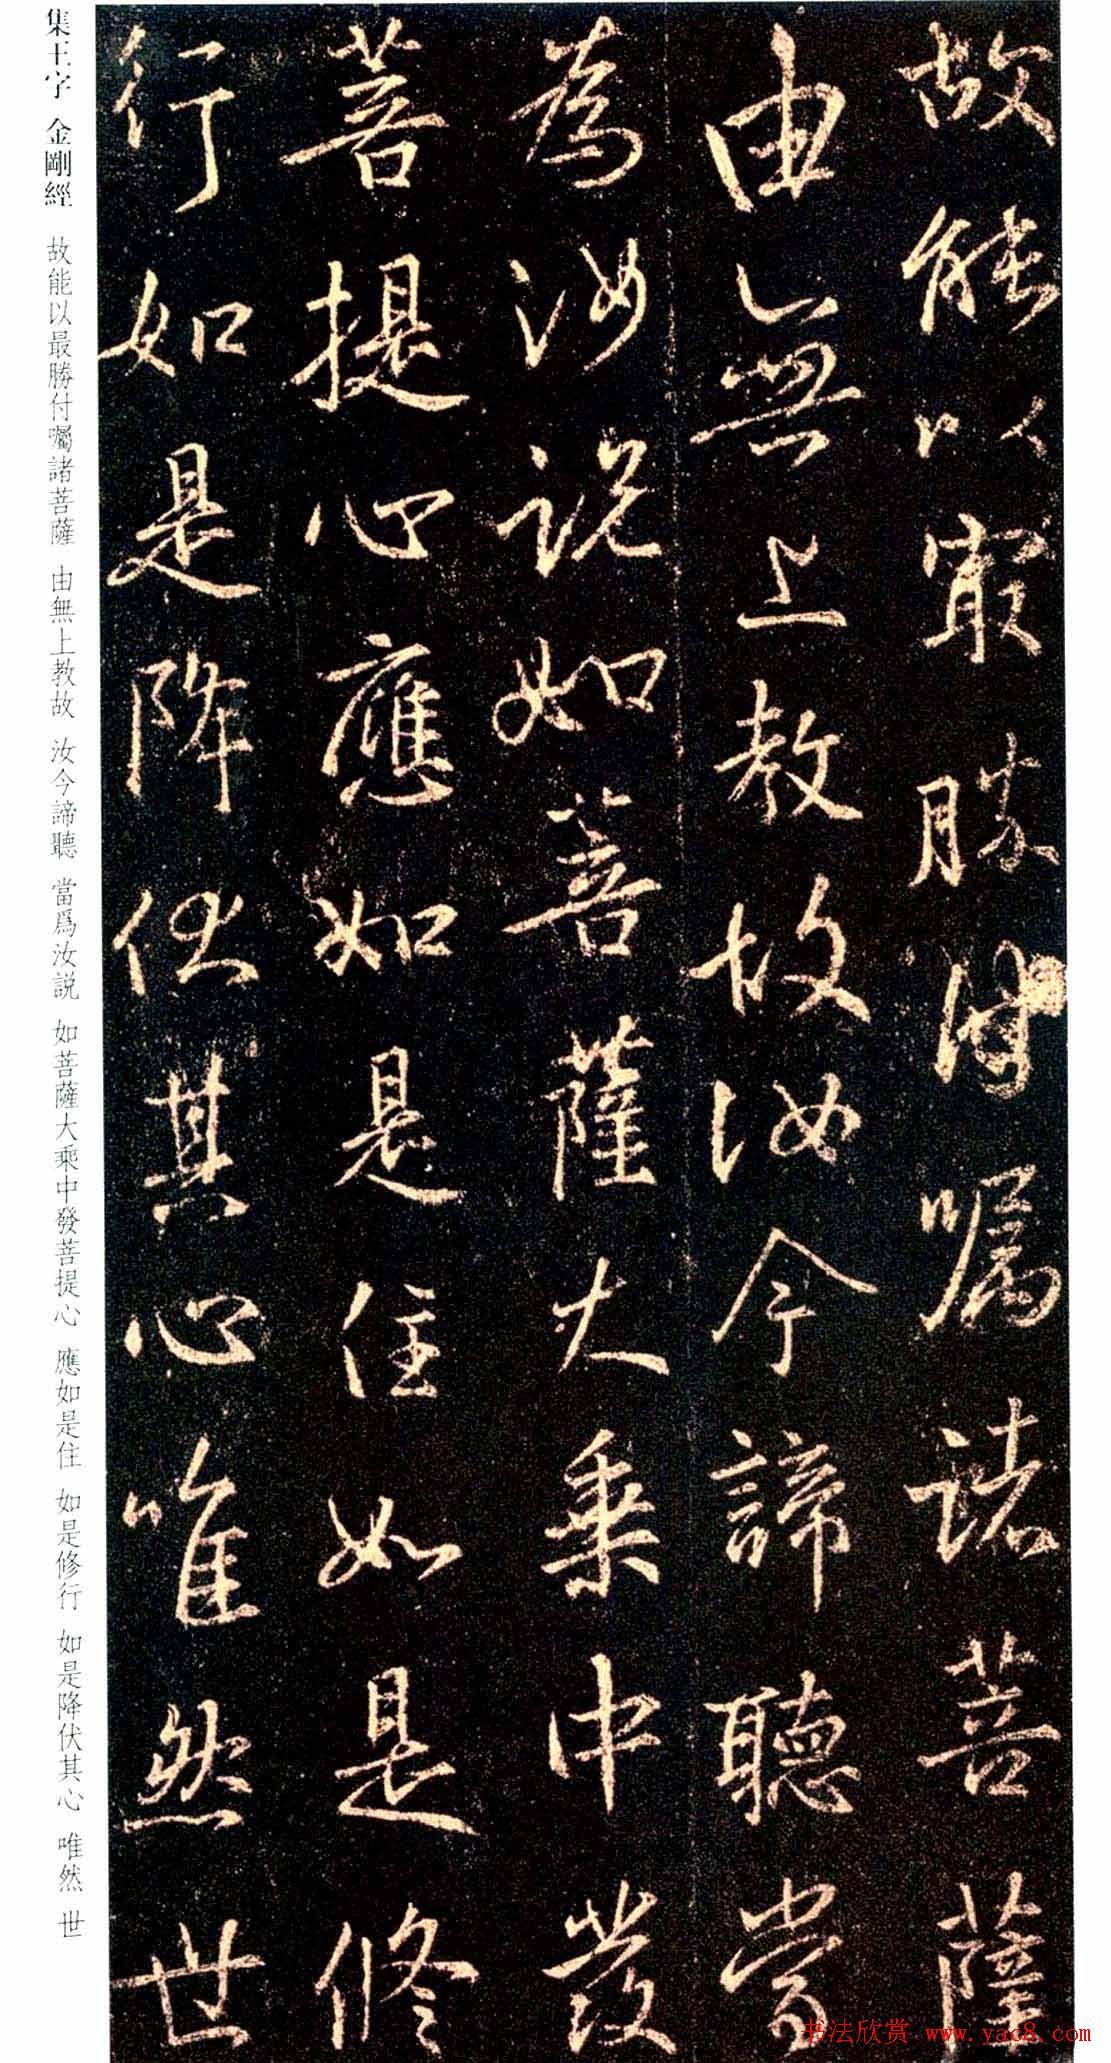 静行书书法作品欣赏_唐代行书碑刻《新集王羲之书金刚经》 - 第15页 _二王书法_书法欣赏